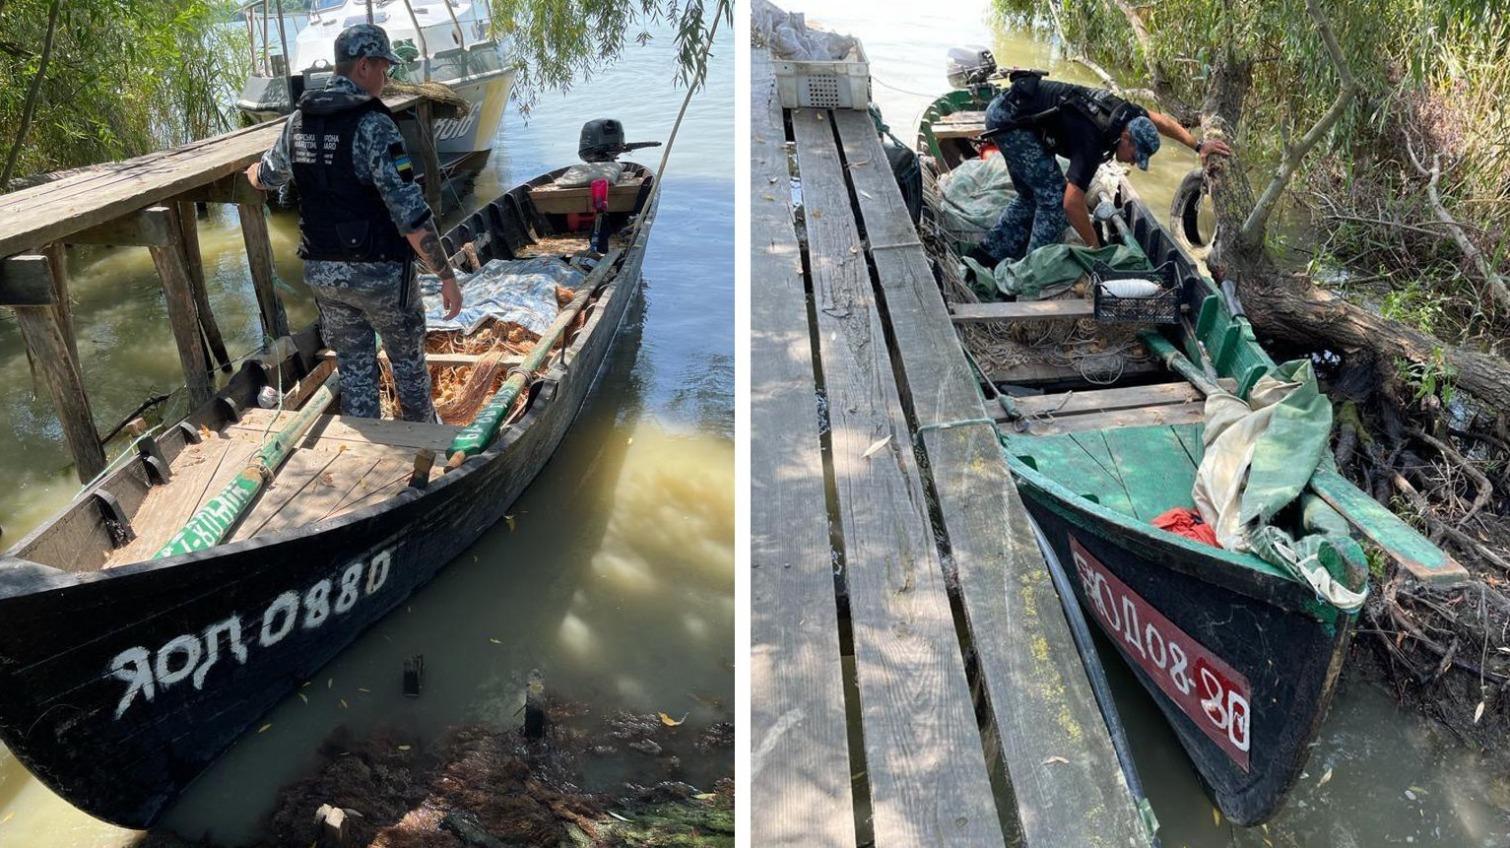 С одинаковыми номерами: на Дунае задержали рыболовные лодки-близнецы «фото»